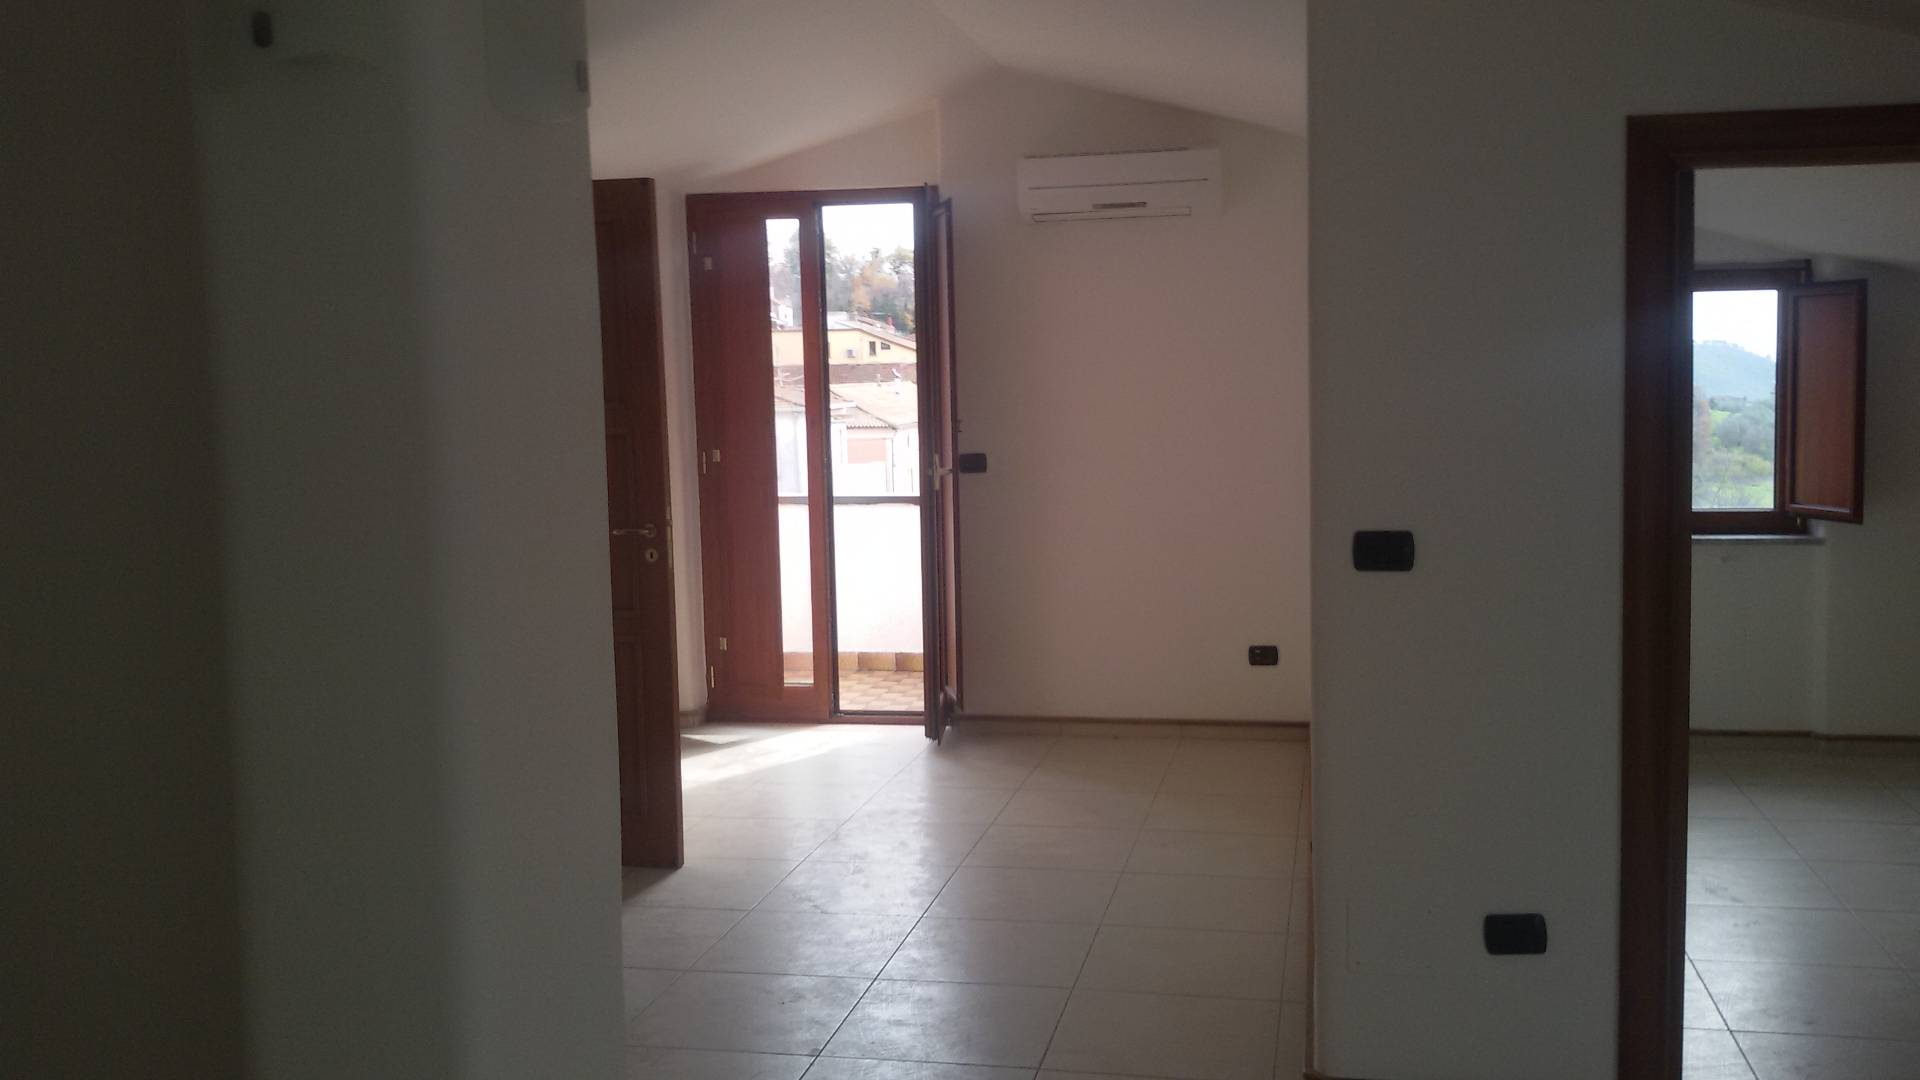 Attico / Mansarda in affitto a San Mango Piemonte, 3 locali, prezzo € 350 | CambioCasa.it